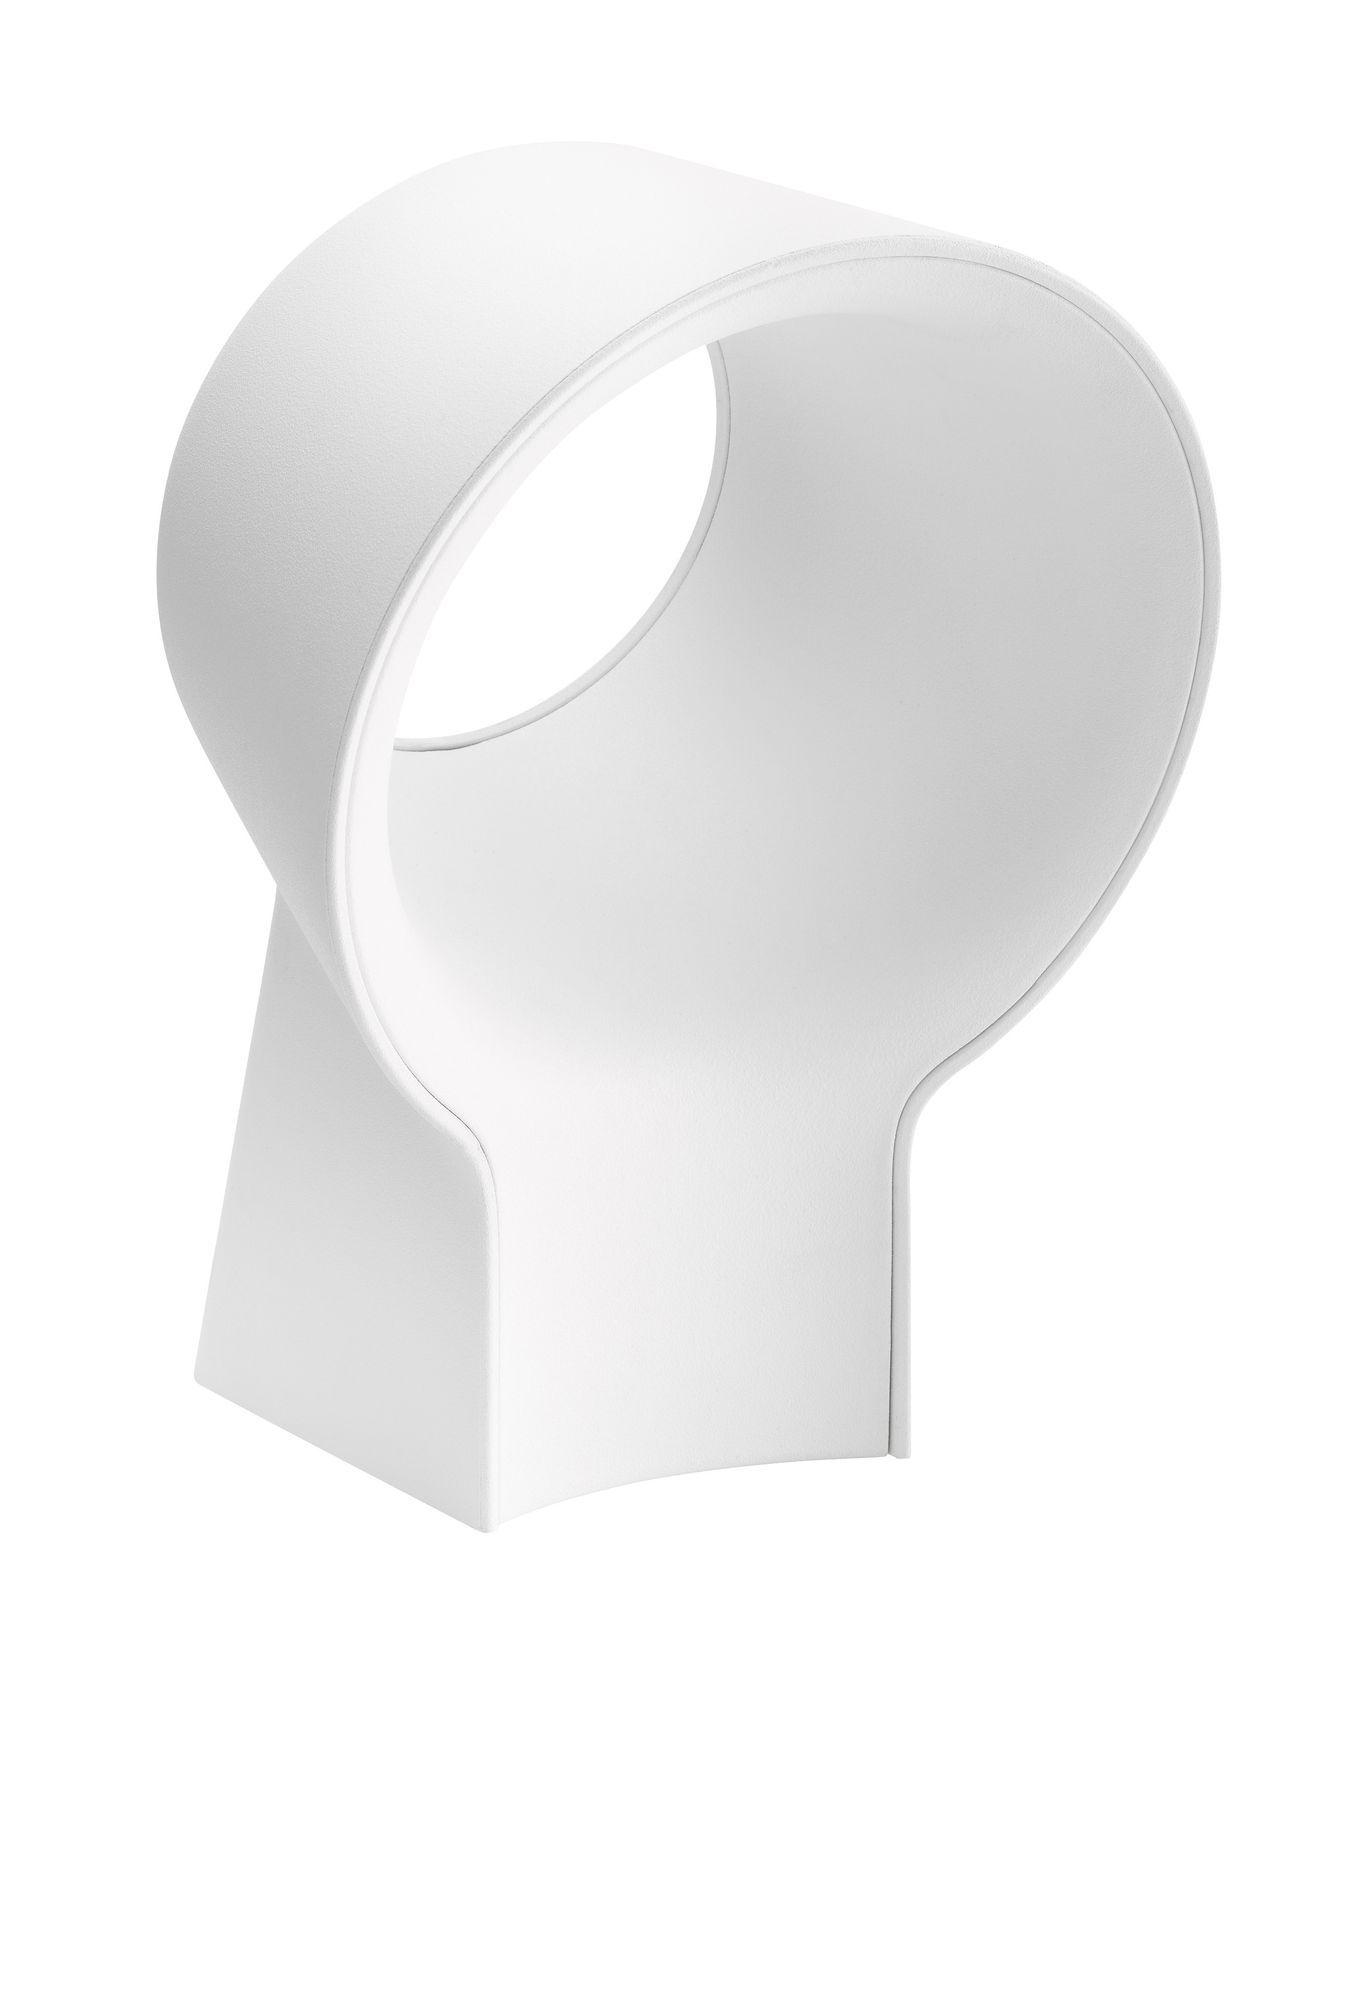 Lampen design lampen hanglampen lirio philips in de for Lampen philips